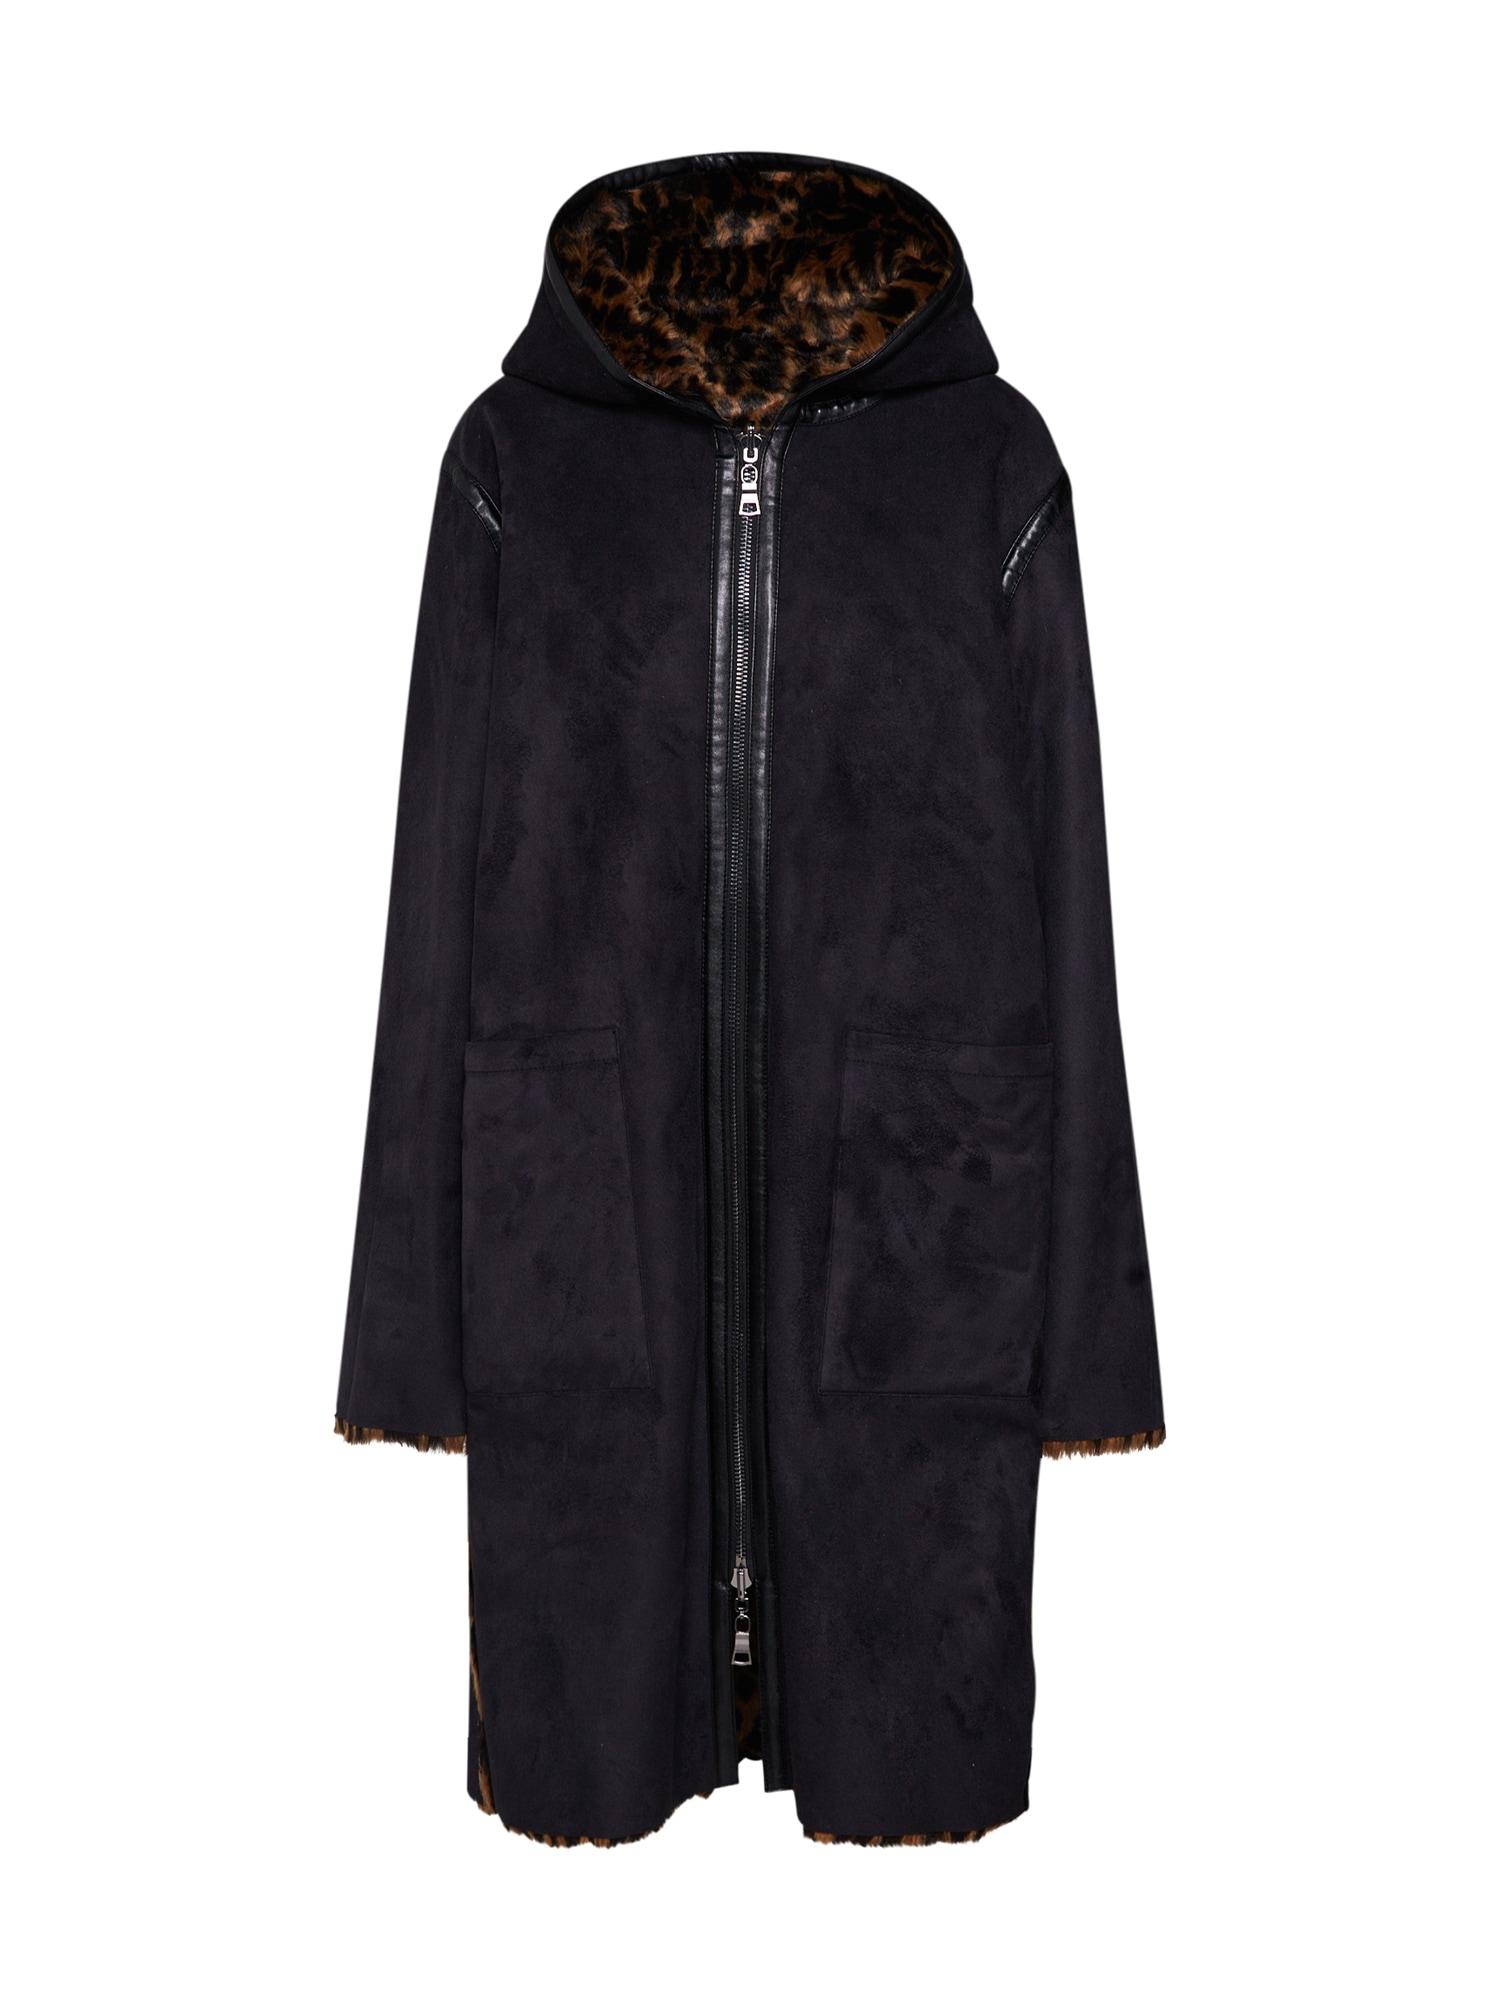 Přechodný kabát EMMA béžová černá BLONDE No. 8